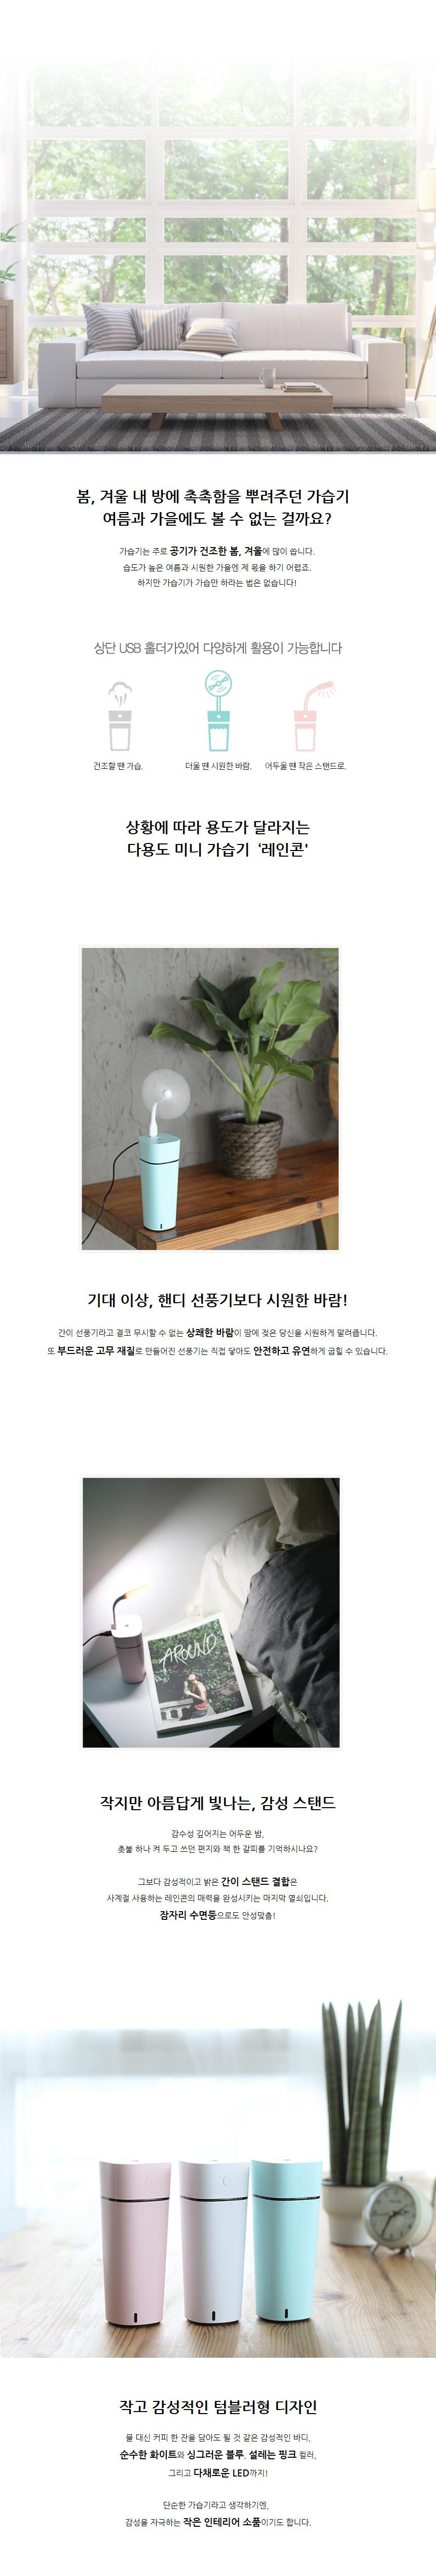 엔보우 레인콘 탁상용/차량용 미니가습기 가습기